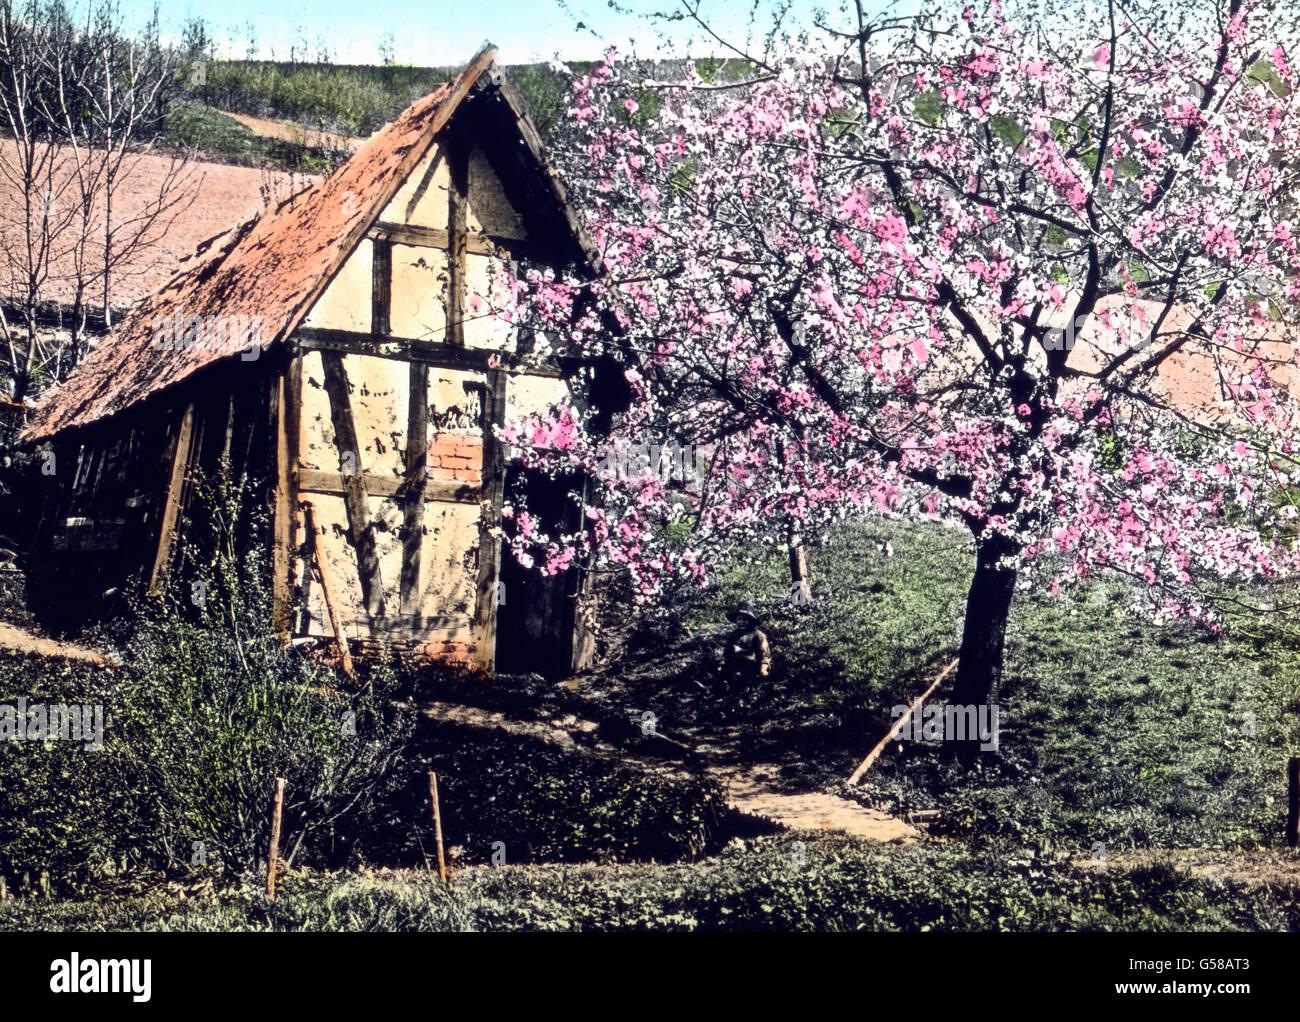 Bildchen Stockfotos & Bildchen Bilder - Alamy